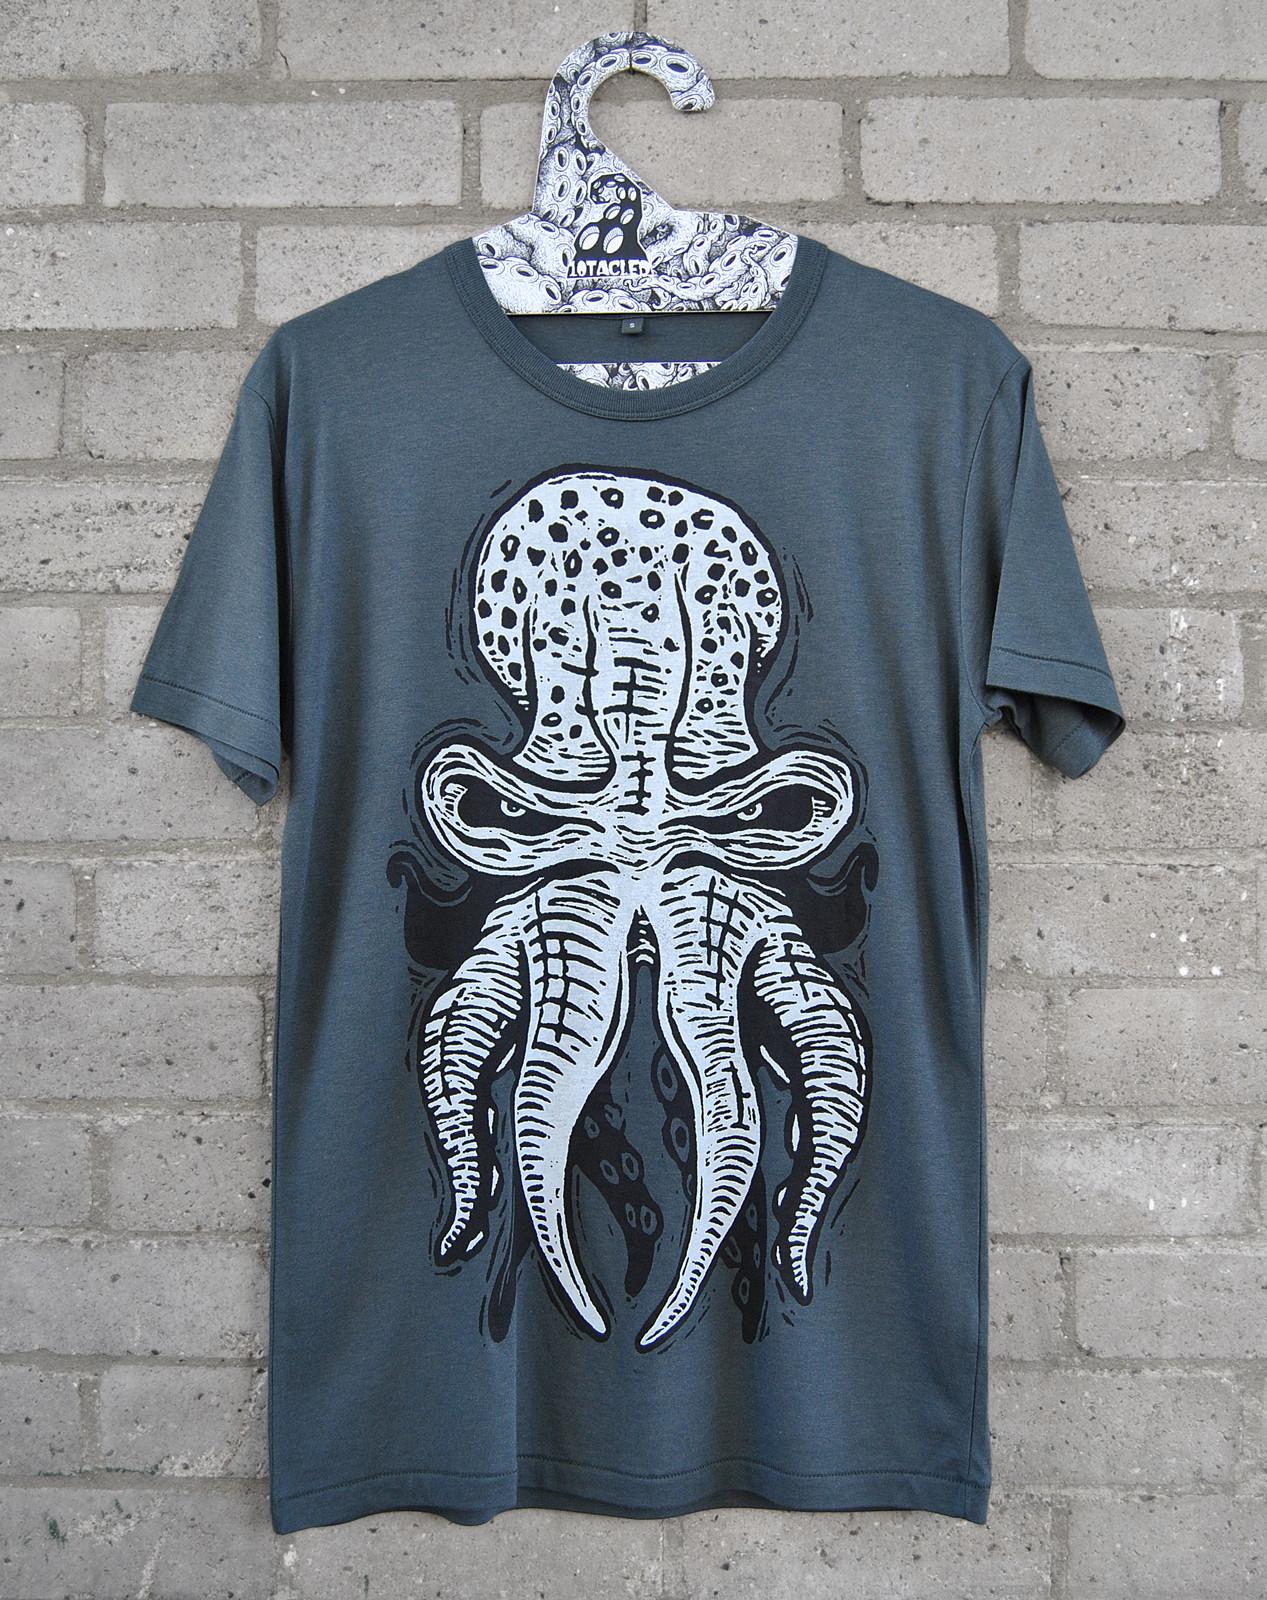 octopus-tshirt-martin-marcin-reznik-10ta